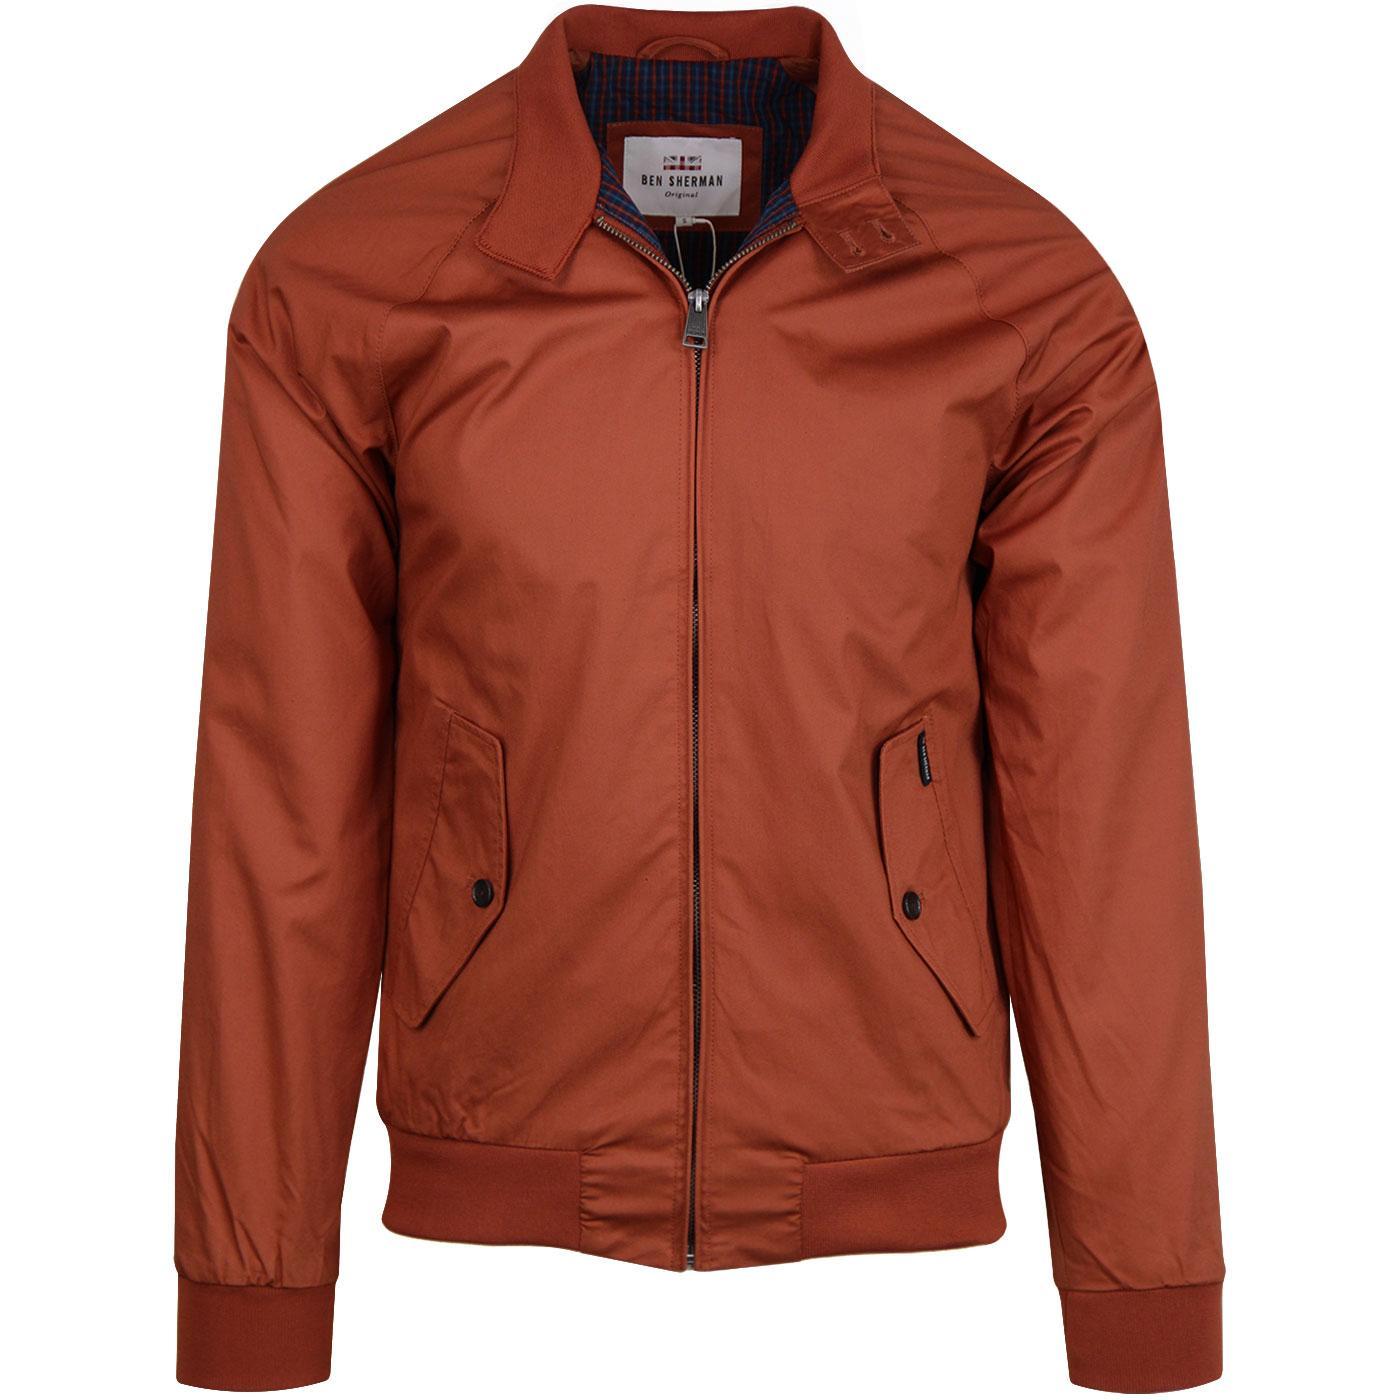 BEN SHERMAN Retro Mod Harrington Jacket (Cinnamon)